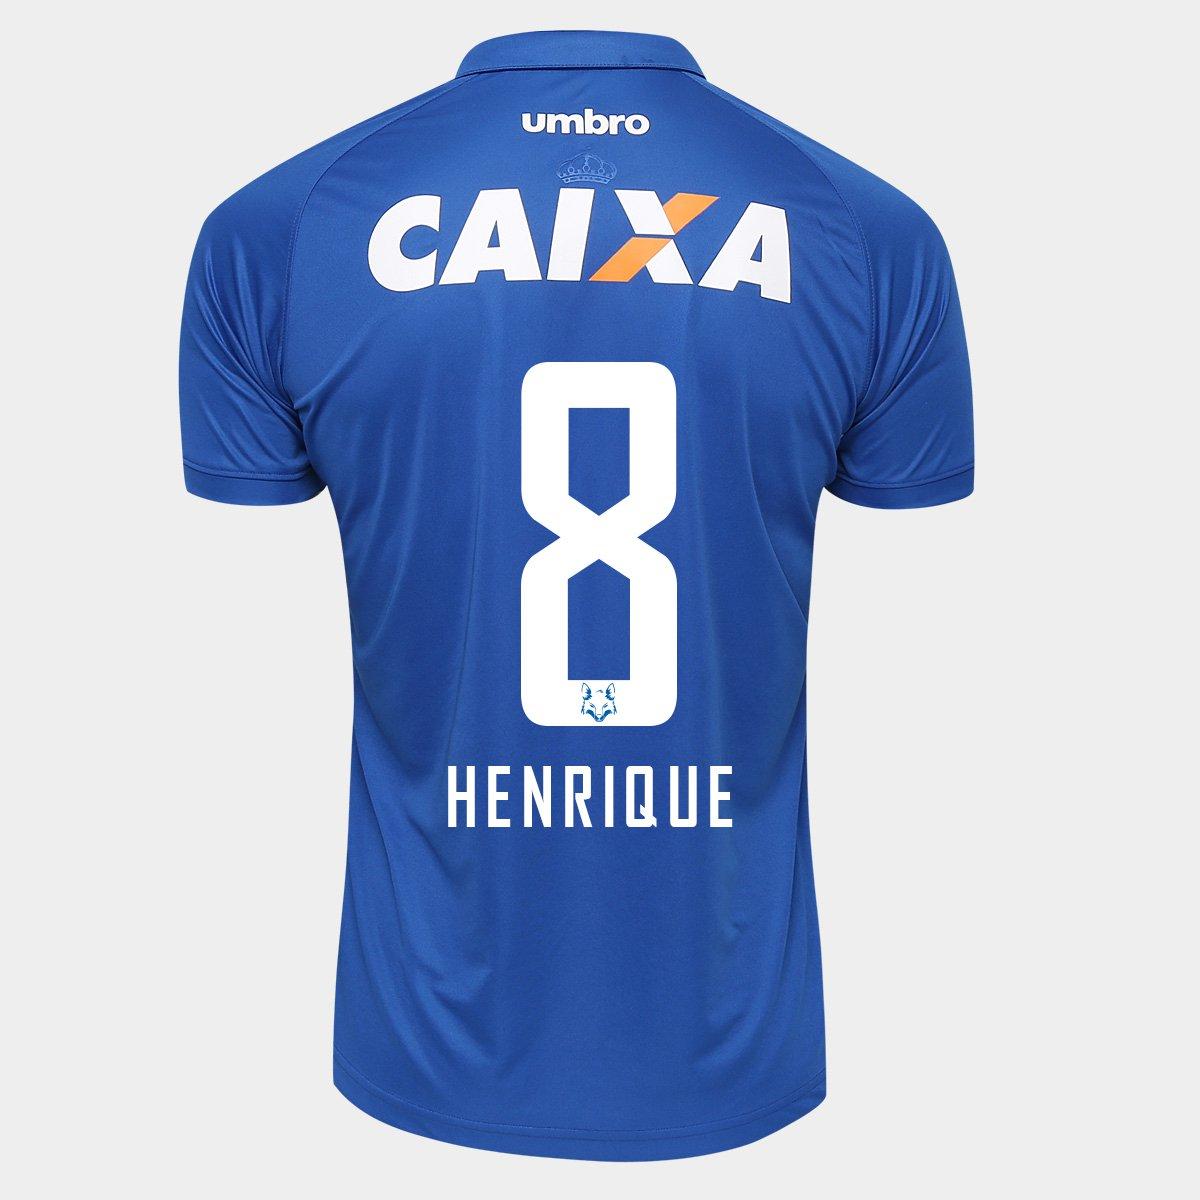 c4ed1e75a8 Camisa Umbro Cruzeiro I 2016 nº 8 - Henrique - Compre Agora